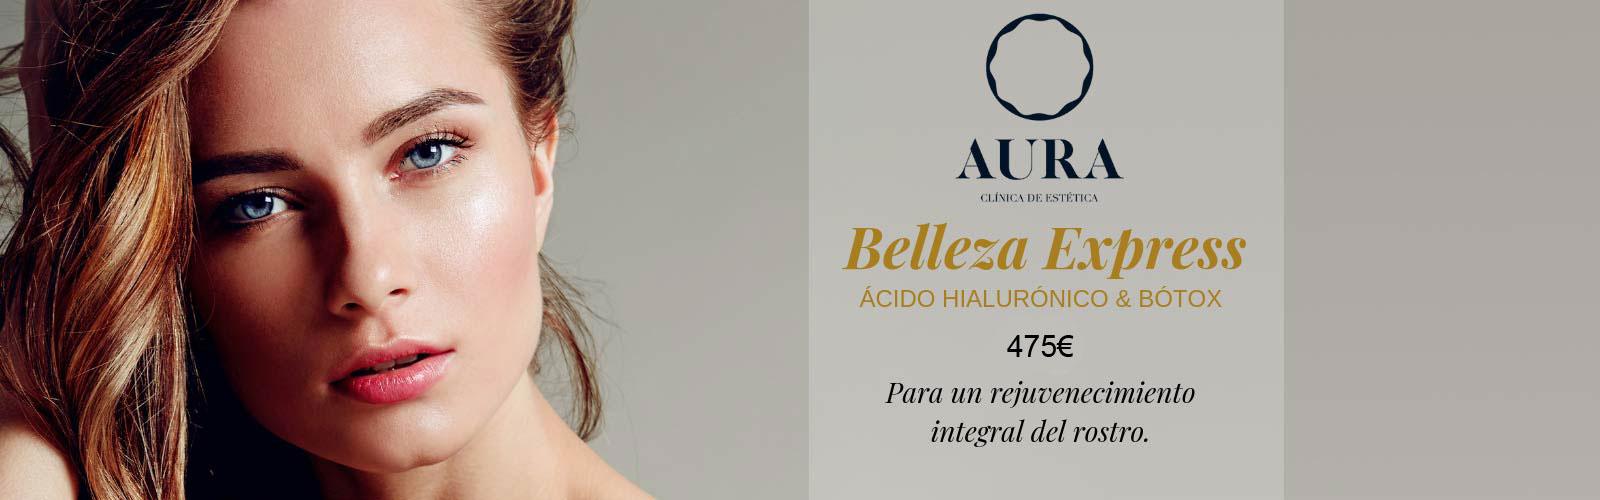 belleza-express-murcia-1